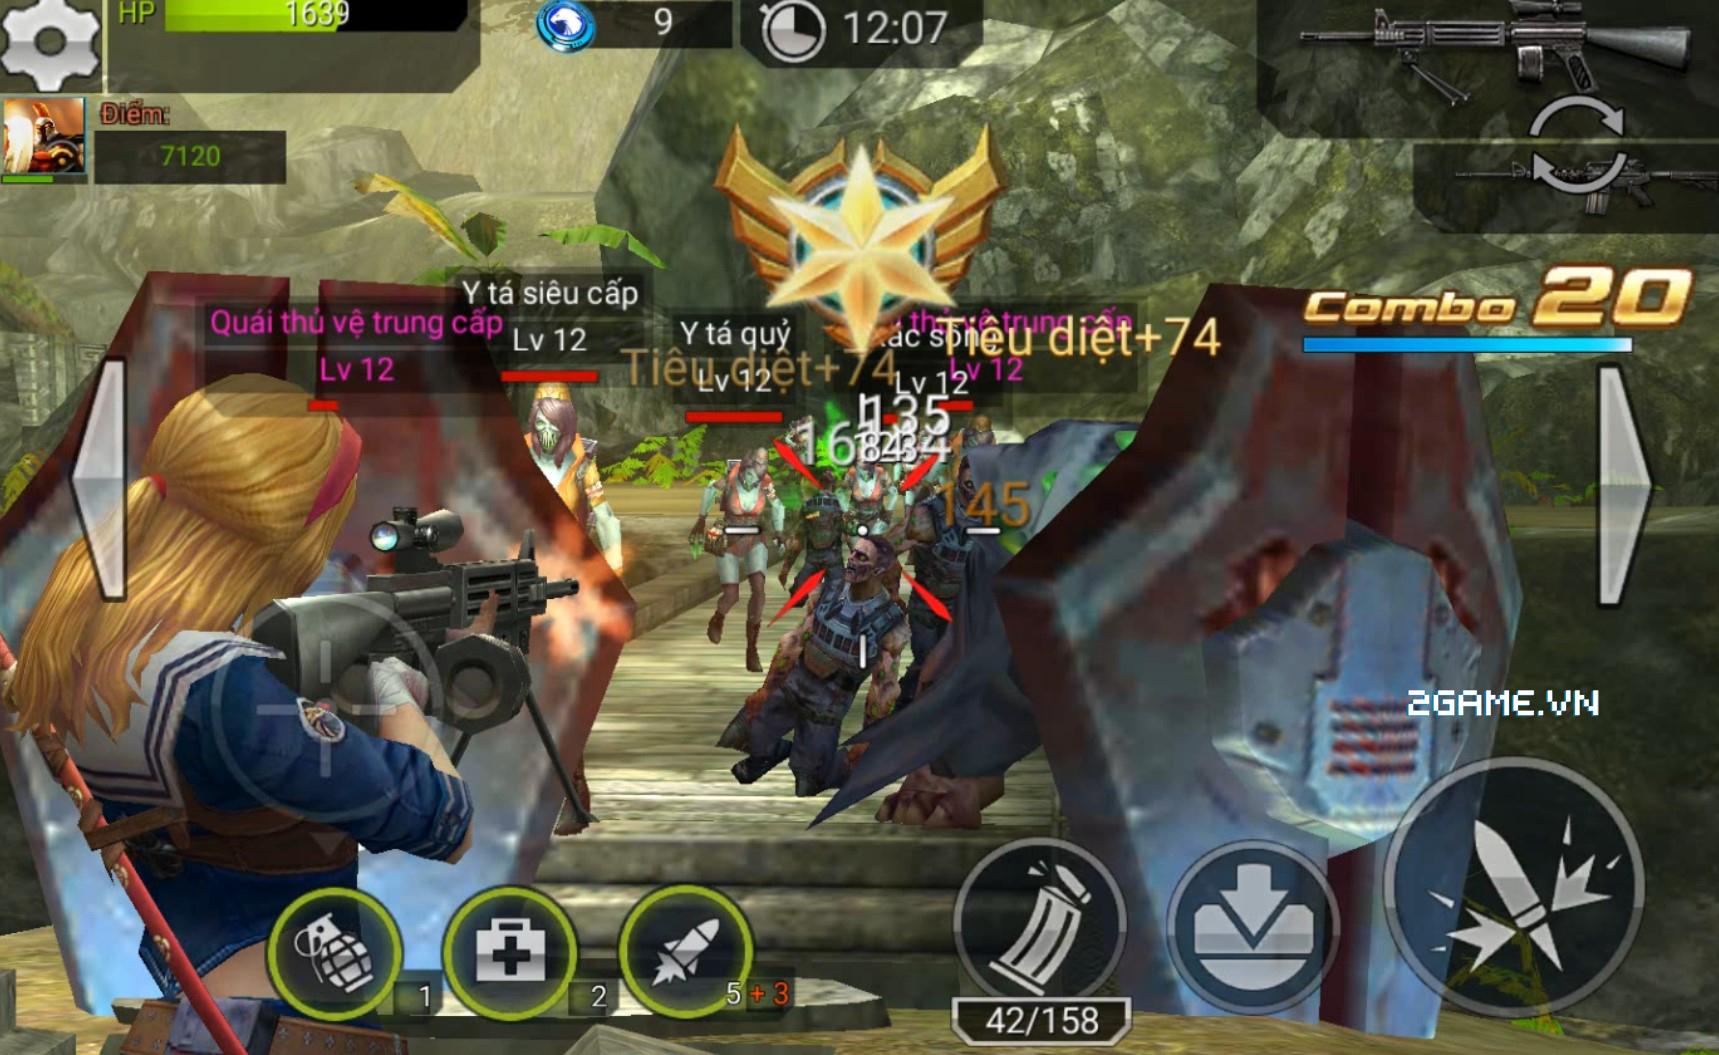 Chiến Dịch Huyền Thoại bắt đầu cho game thủ vào săn boss